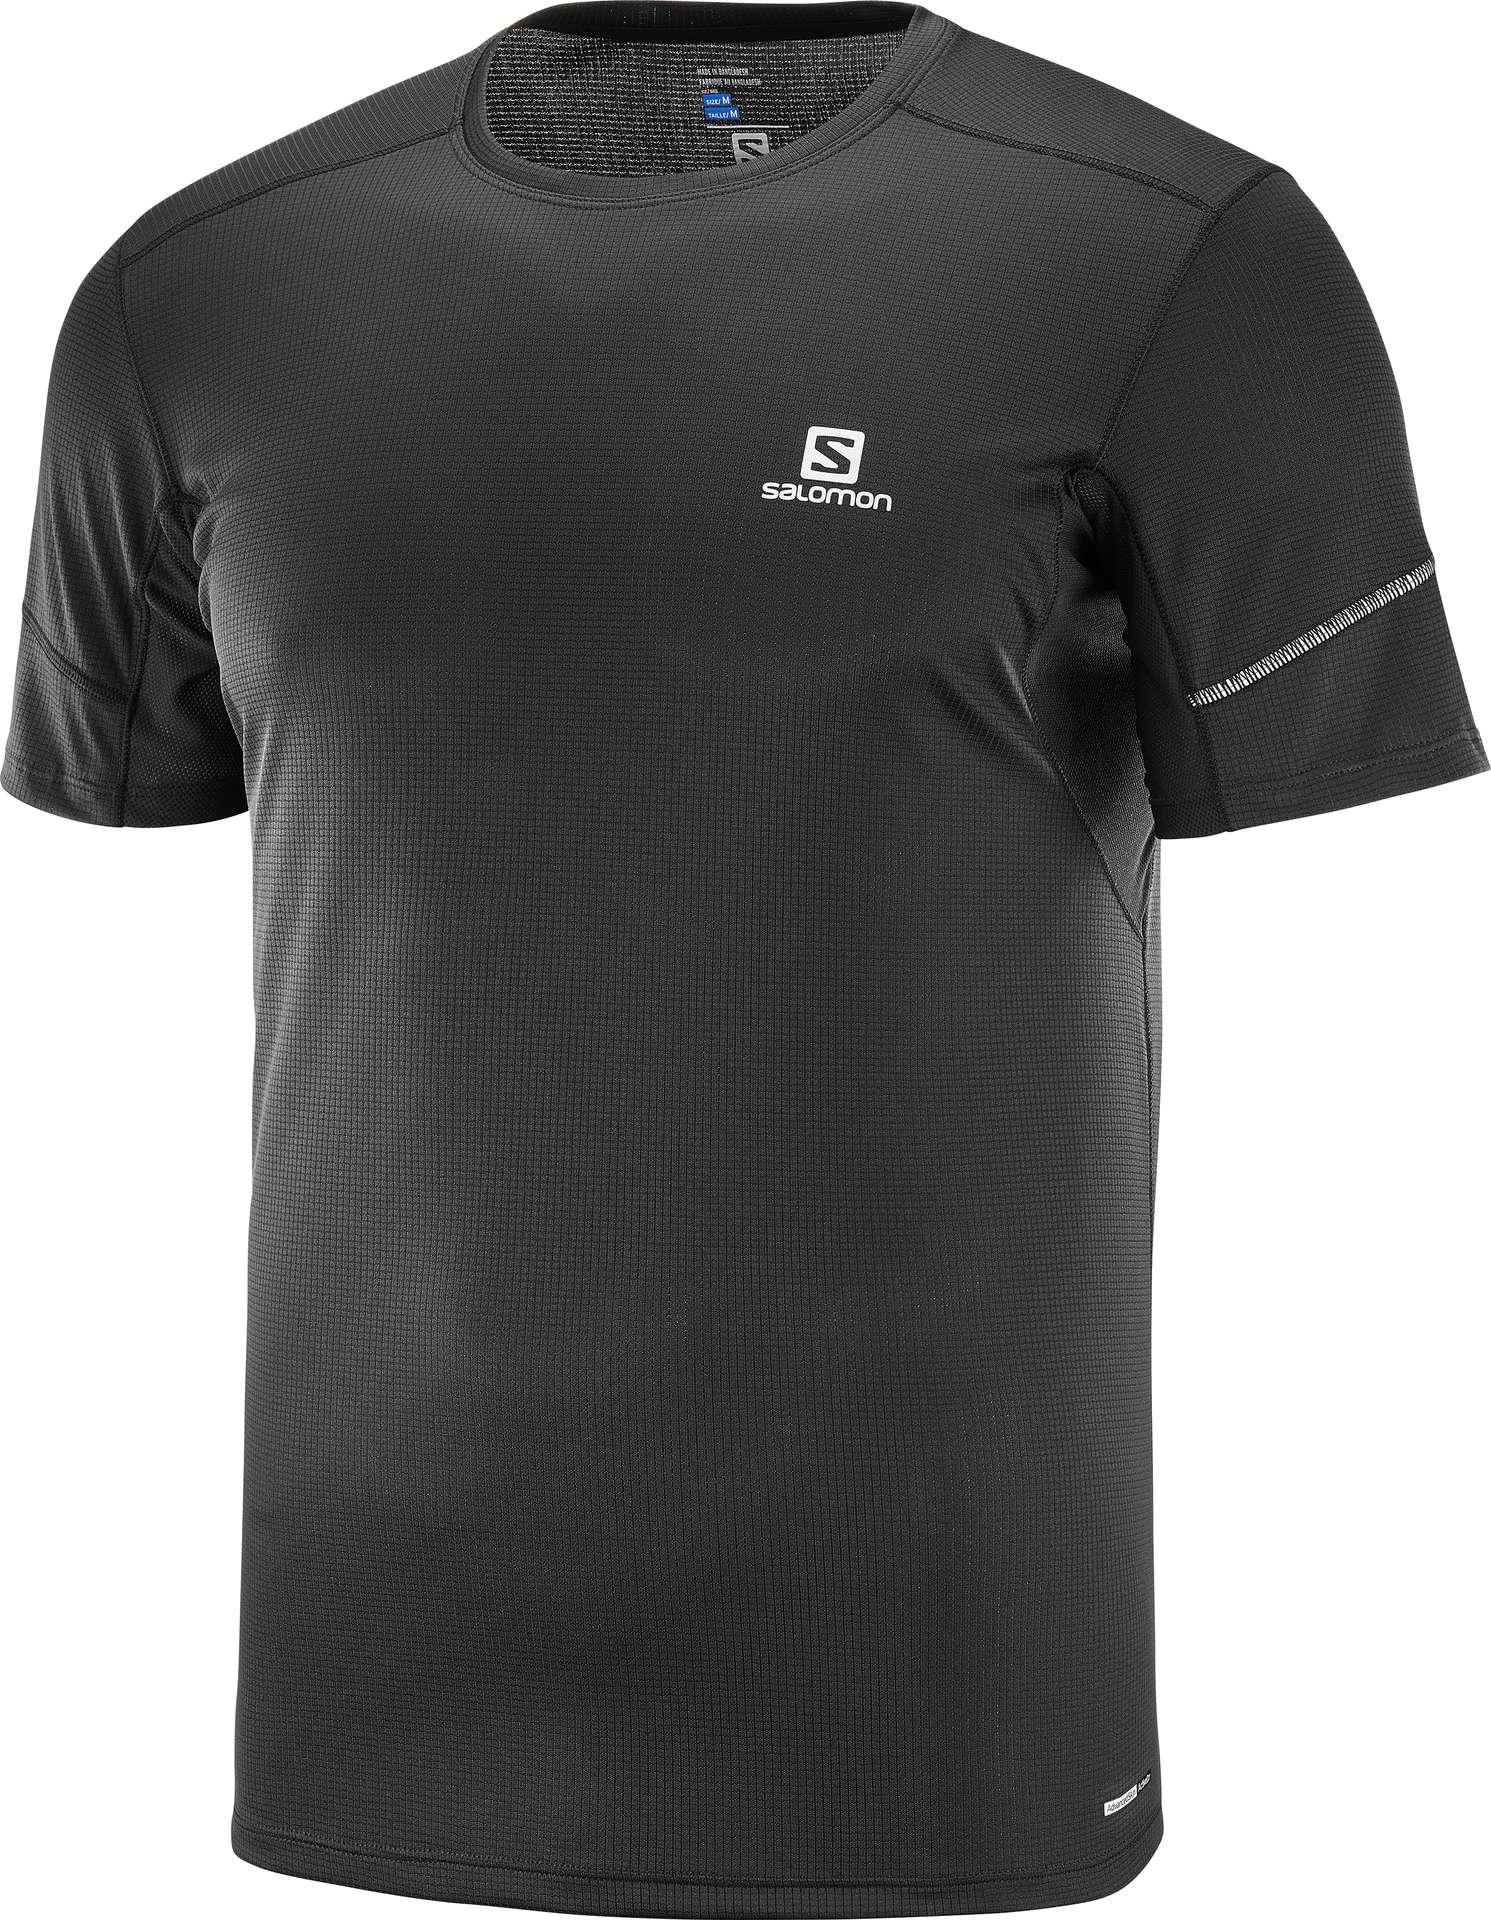 5691bd0ce82 Salomon Agile Hardloopshirt Korte Mouwen Zwart Heren koop je bij ...